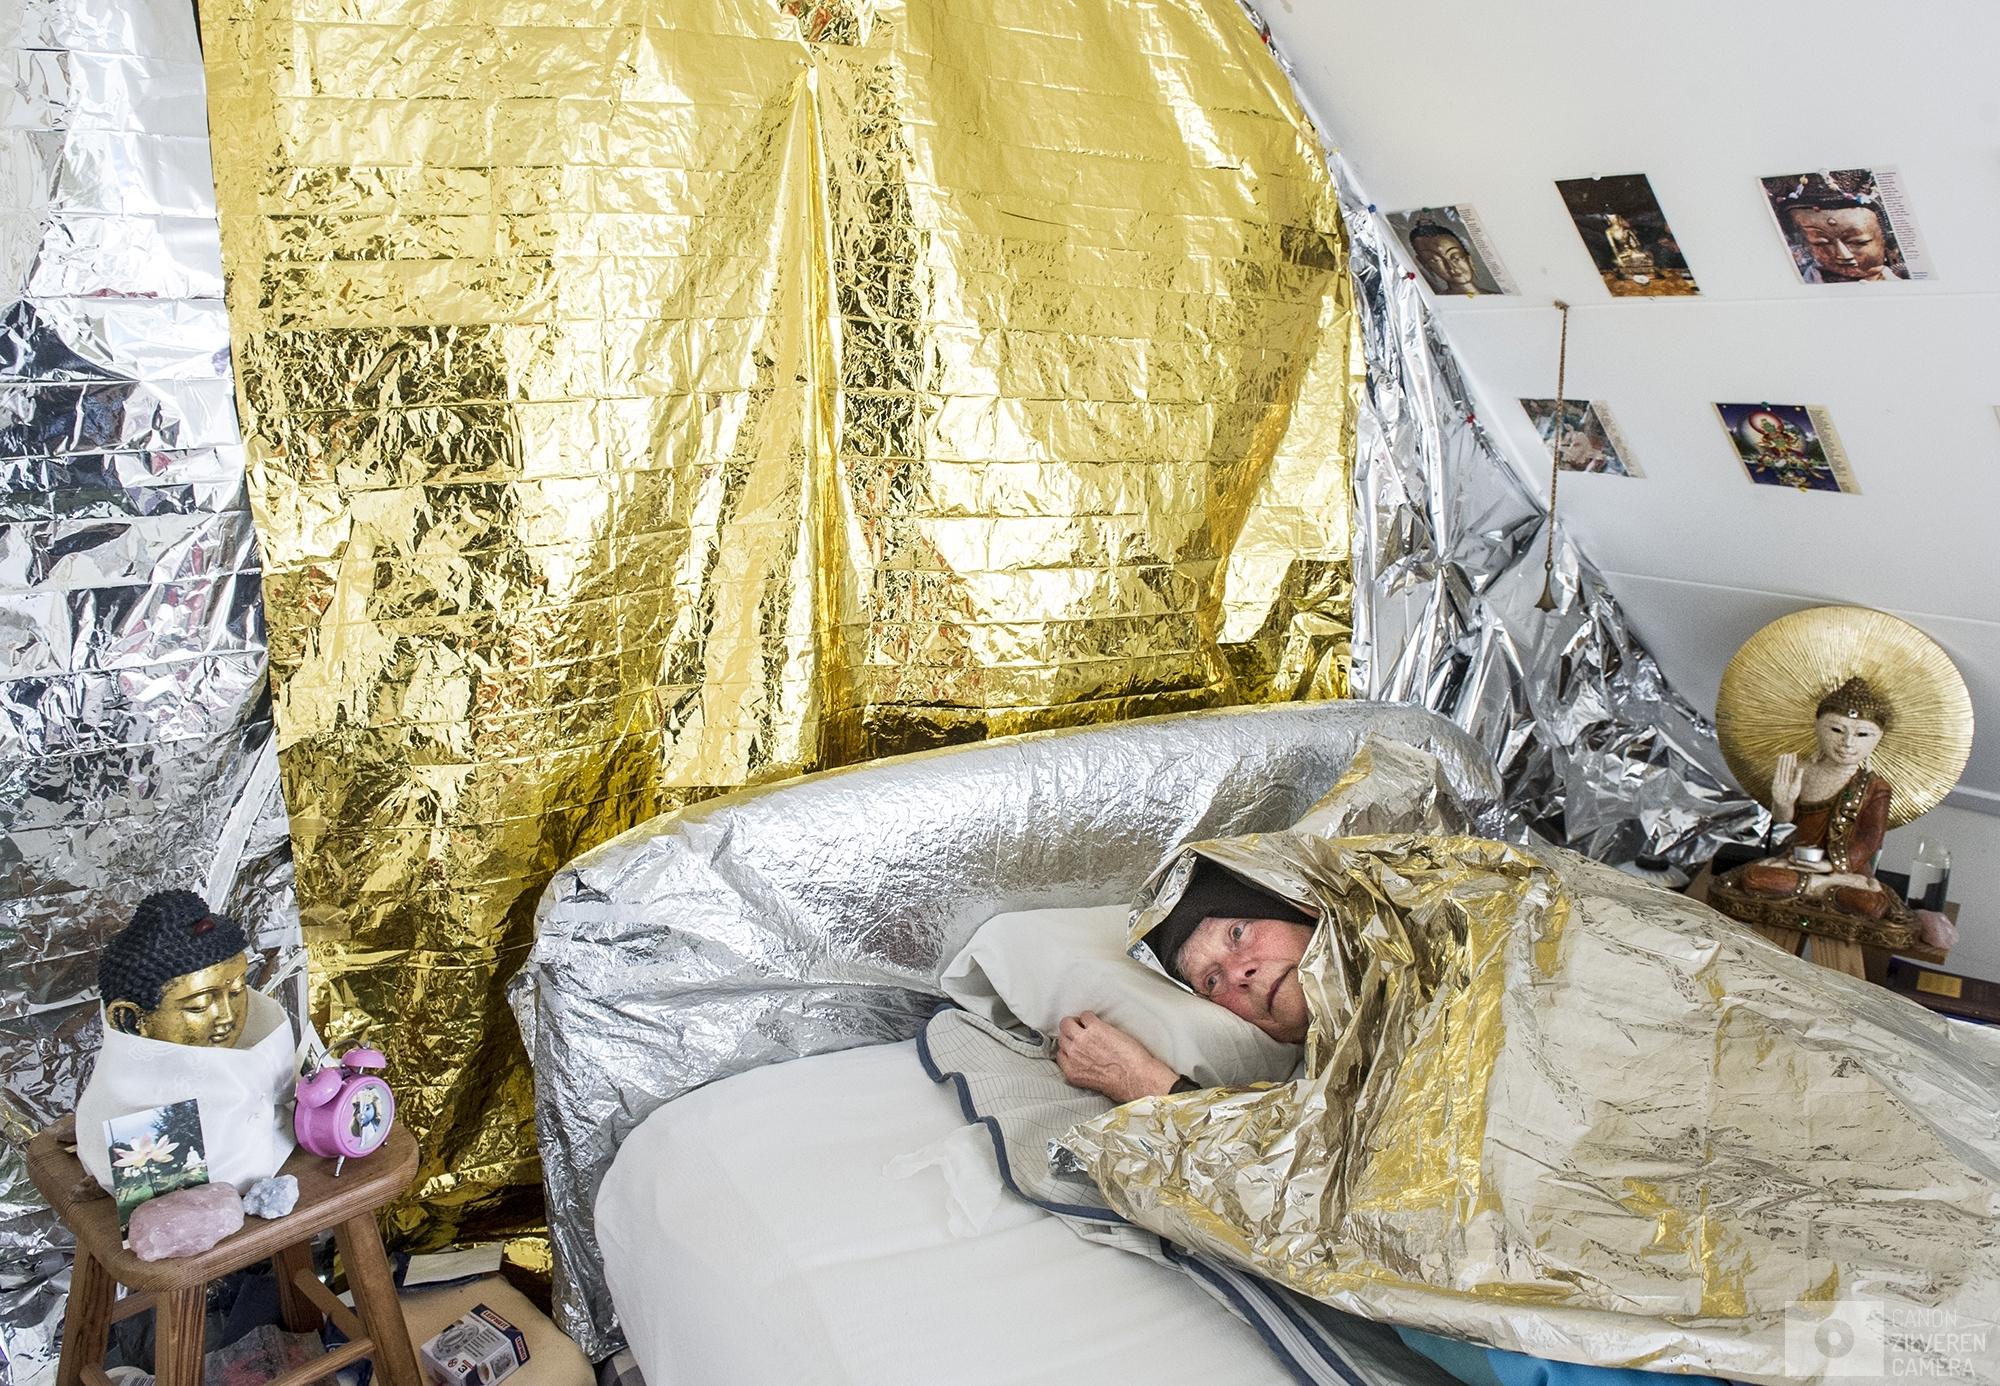 leven met EHS  Nederland, zaanstad . 03-10-2017numr 5Maria van Tongeren. 71 jaar . Heeft zins 2001 last van stralingen.Ze woonde eerste in Hartje Amsterdam maar daar was het niet meer vol te houden door de zendmasten schuin tegenover haar huis.   . Ze is verhuisd in de hoop dat ze daar beter af zou zijn naar Zaanstad.Maar al snel bleek dat er dicht bij haar huis een kerktoren stond waar een UMTS mast op zat die recht op haar slaap kamer straalde . Ze heeft echt als geprobeerd om er voor te zorgen dat er minder straling was. Rechtszaken brieven aan de gemeenten , woningbouw maar overal krijgt ze nee te horen. volgens  Maria schuilen de artsen achter de beweringen van de gezondheidsraad dat er geen spraken kan zijn EHS.Een kant van haar woning is helemaal afgeplakt met aluminium folie onder en boven. Het huis is maar half af , wonen wil ze er eigelijk niet maar weg kan ze ook niet . Al haar geld is opgegaan aan aanpassingen voor het verminderen van de ehs klachten. Ze is al heel blij als ze geld heeft voor een nieuwe spijkerbroek. Zoals een aantal vrienden van haar wel hebben gedaan heeft ze zelfmoord overwogen , toen is haar verhaal naar buiten gaan brengen.en bij de overheid gaan aankloppen. Maar inmiddels heeft ze niet zo meer de behoeft om haar verhaal naar buiten te brengen, mensen geloven haar toch meestal niet, omdat ze zelf geen last van hebben. Via het opbouwen van immuun systeem  hoopt dat ze er beter tegen kan. Ze ervaart het wel vechten tegen bier kaai , omdat er steeds meer masten bij komen . Waardoor de klachten steeds meer verergeren. Ze ziet de toekomst somber in door de komst van de 5 g en door dat straks als verbonden is met internet.  volgens Maria worden ze Niet erkend , dus ook niet geholpen .